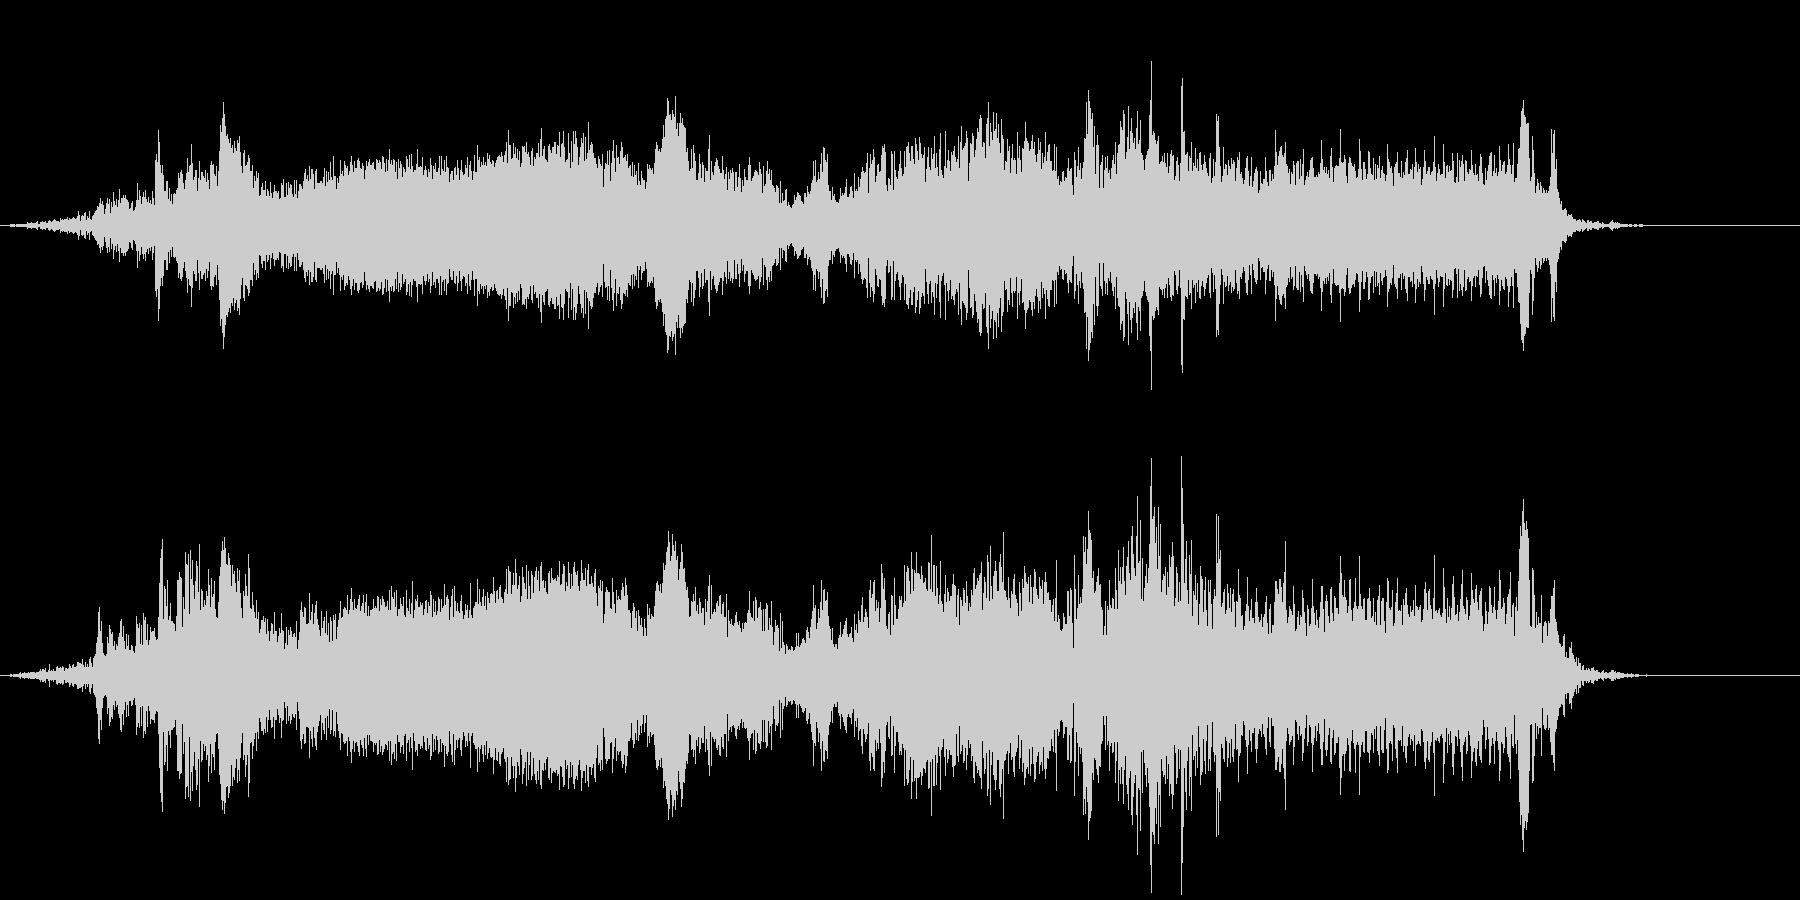 ピータービルトセミトラック:スロー...の未再生の波形